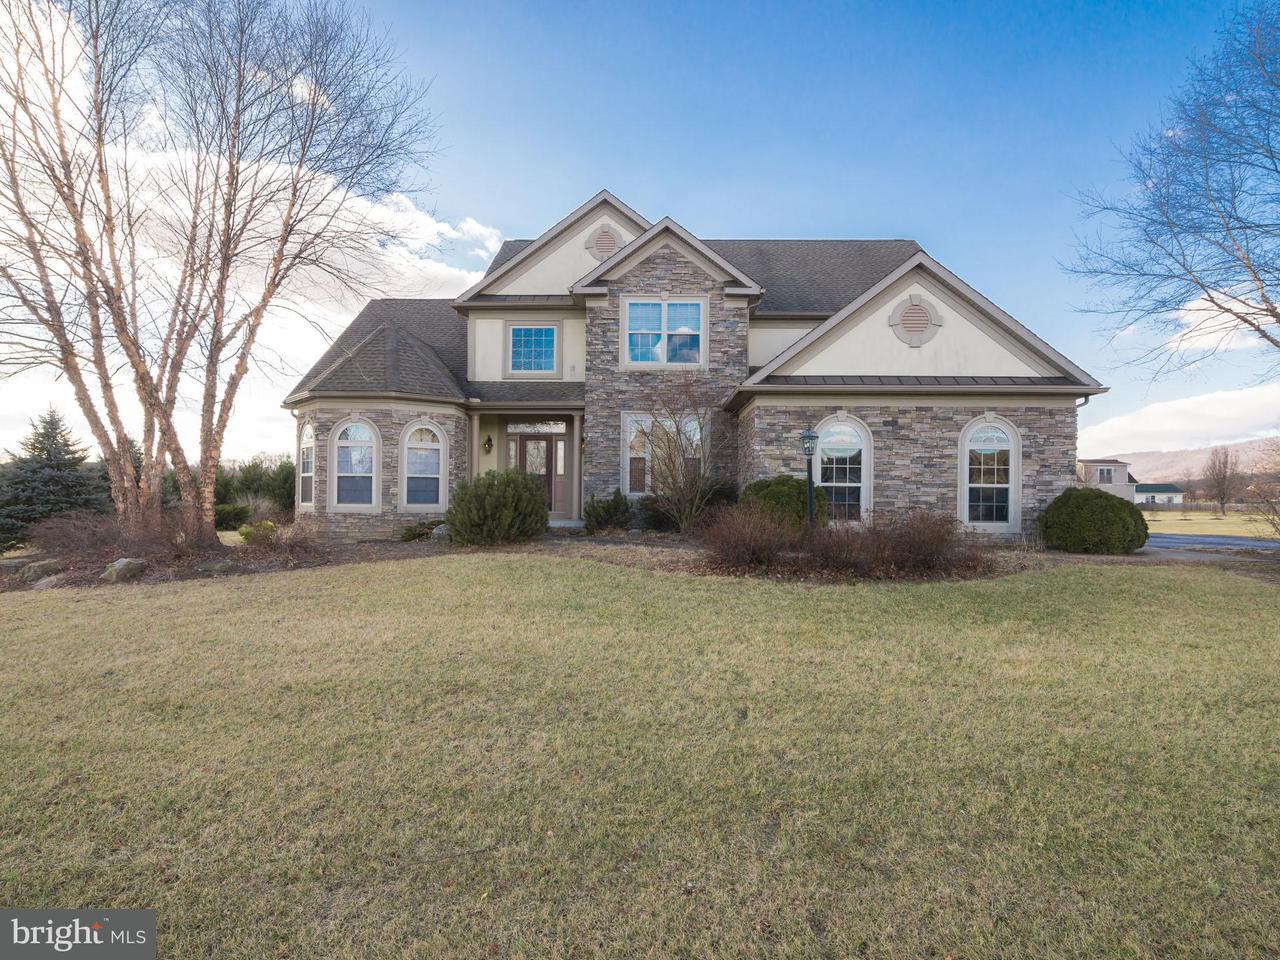 独户住宅 为 销售 在 227 Cheswick Drive 227 Cheswick Drive Martinsburg, 西弗吉尼亚州 25403 美国